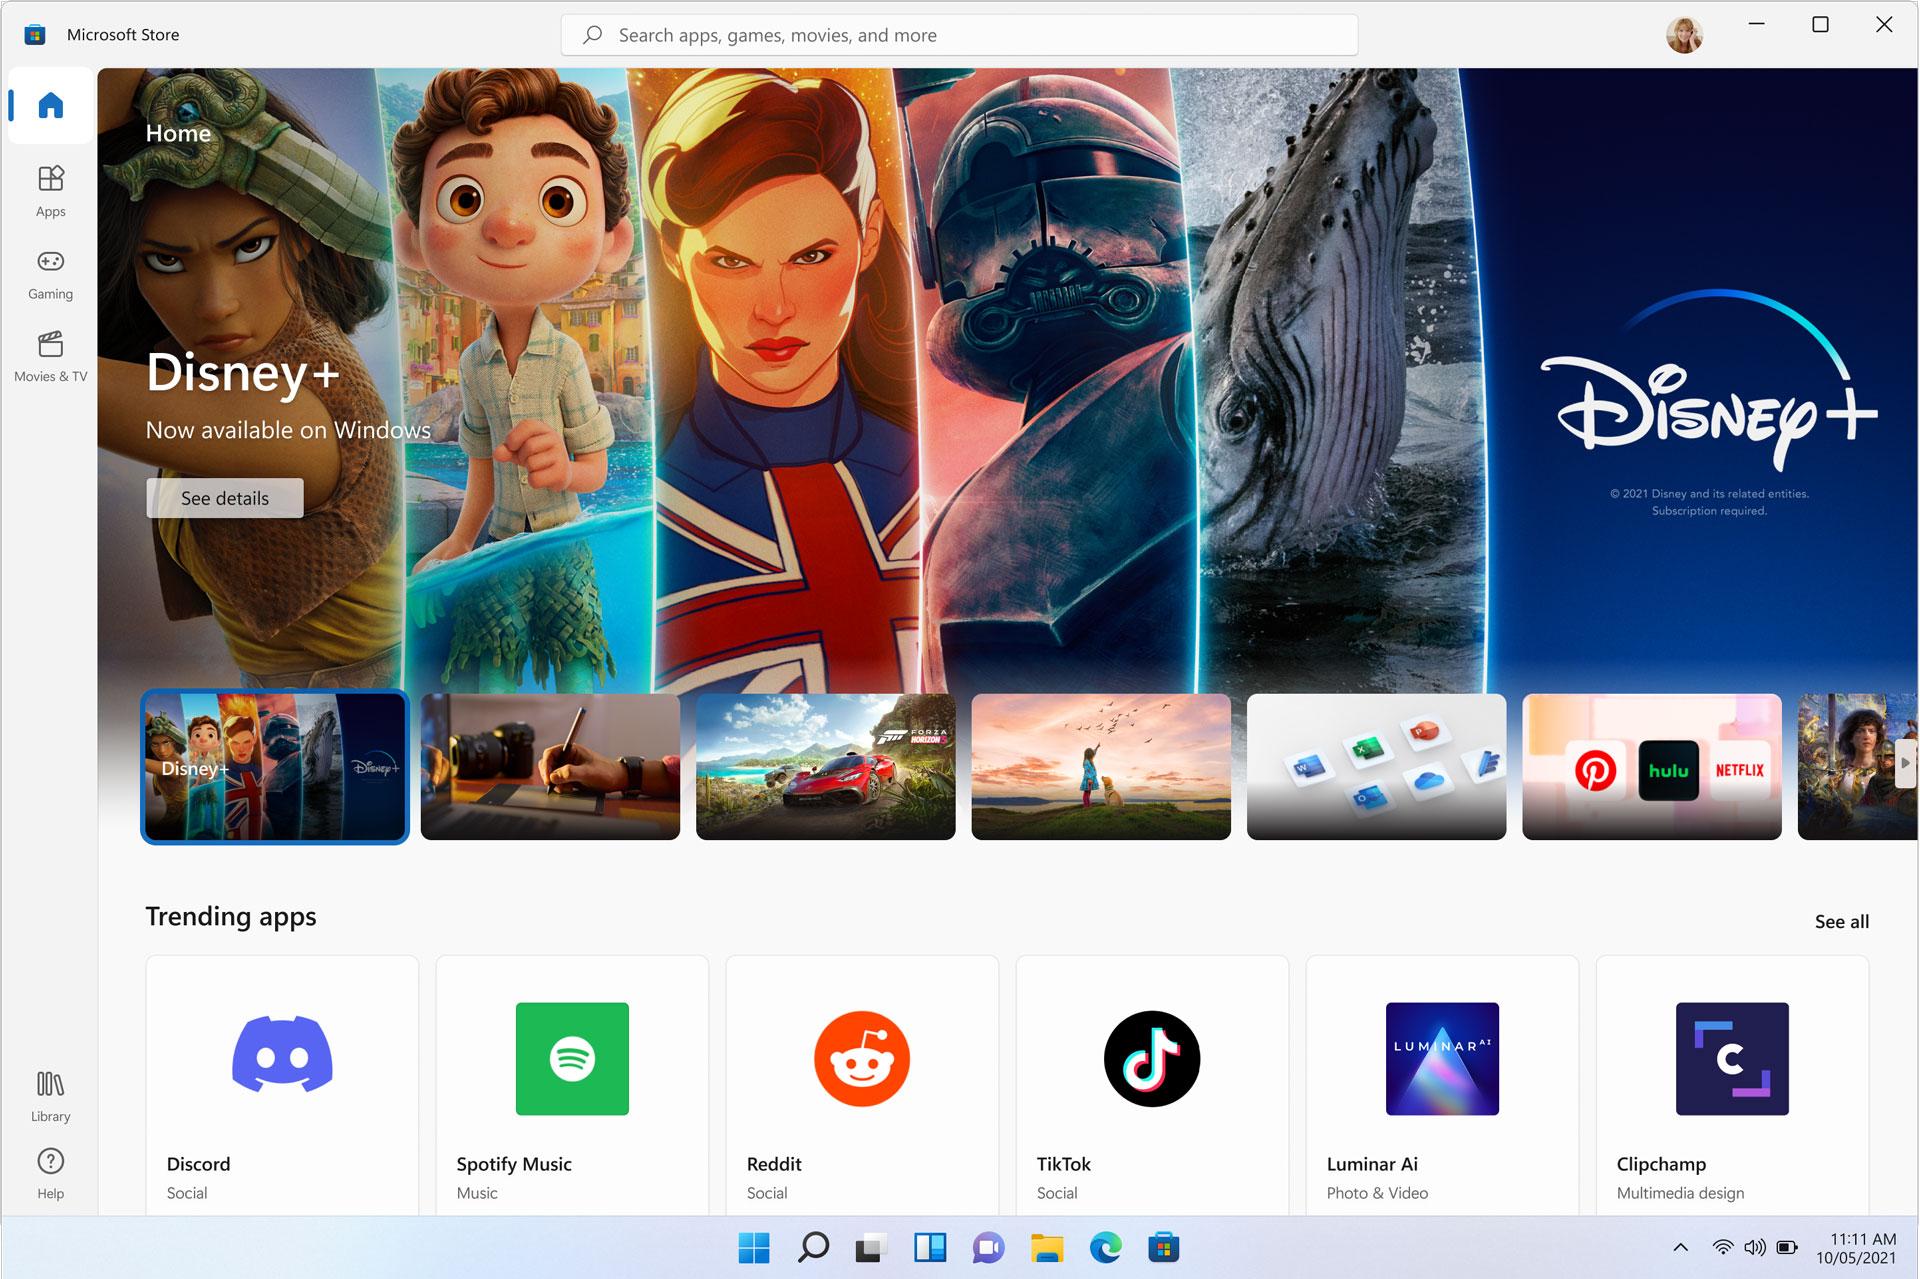 Il nuovo Microsoft Store di Windows 11 anche in Windows 10